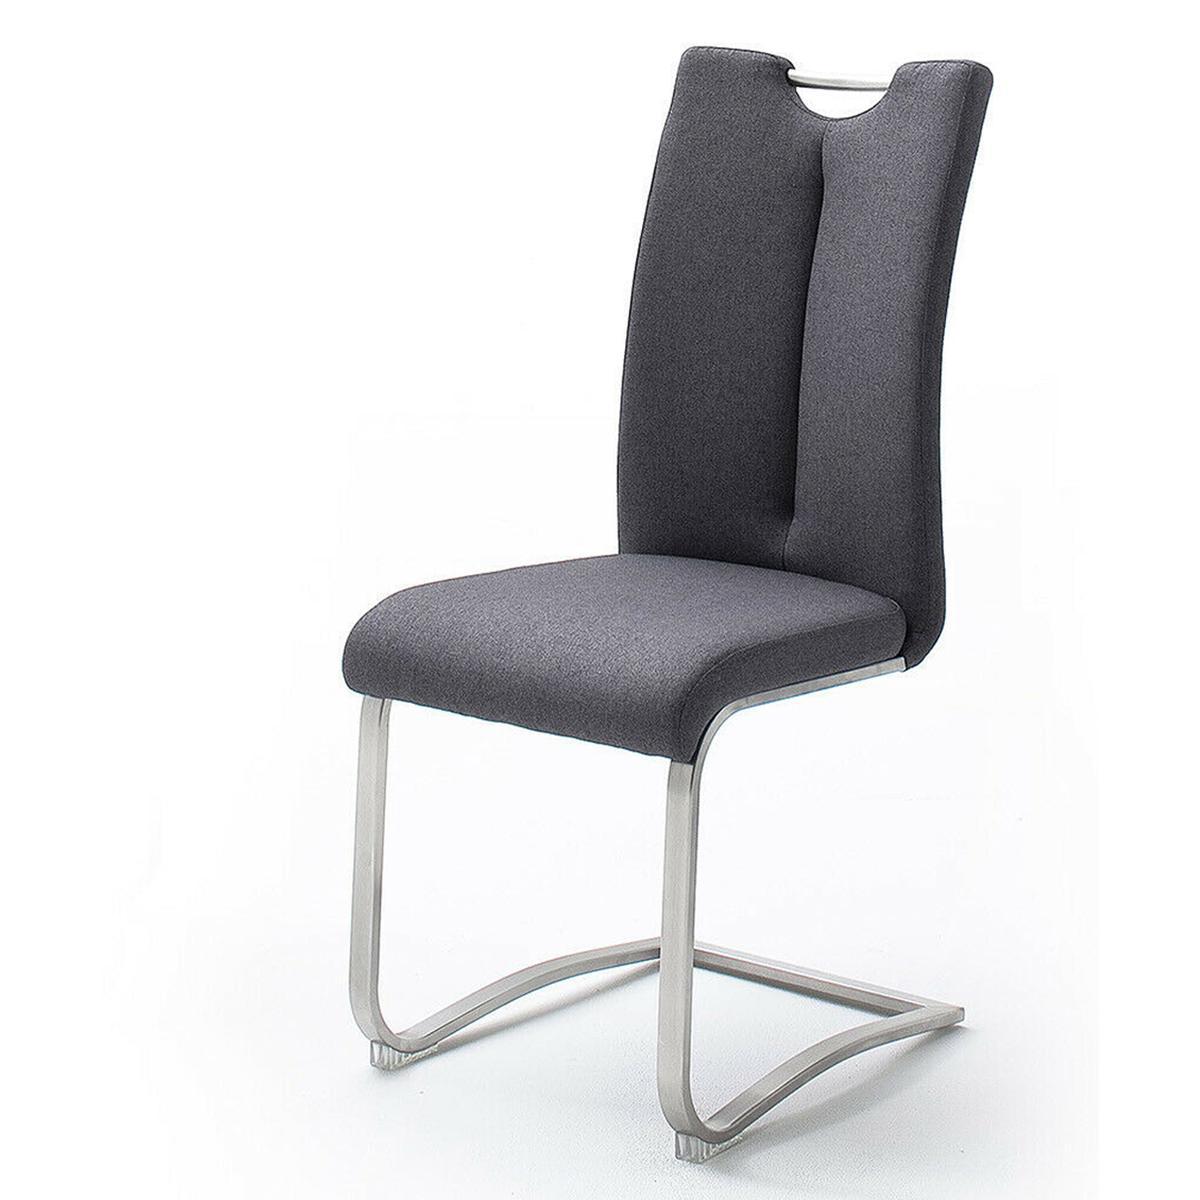 Pegane Lot de 2 chaises en acier et tissu coloris anthracite - H.102 x L.45 x P.58 cm